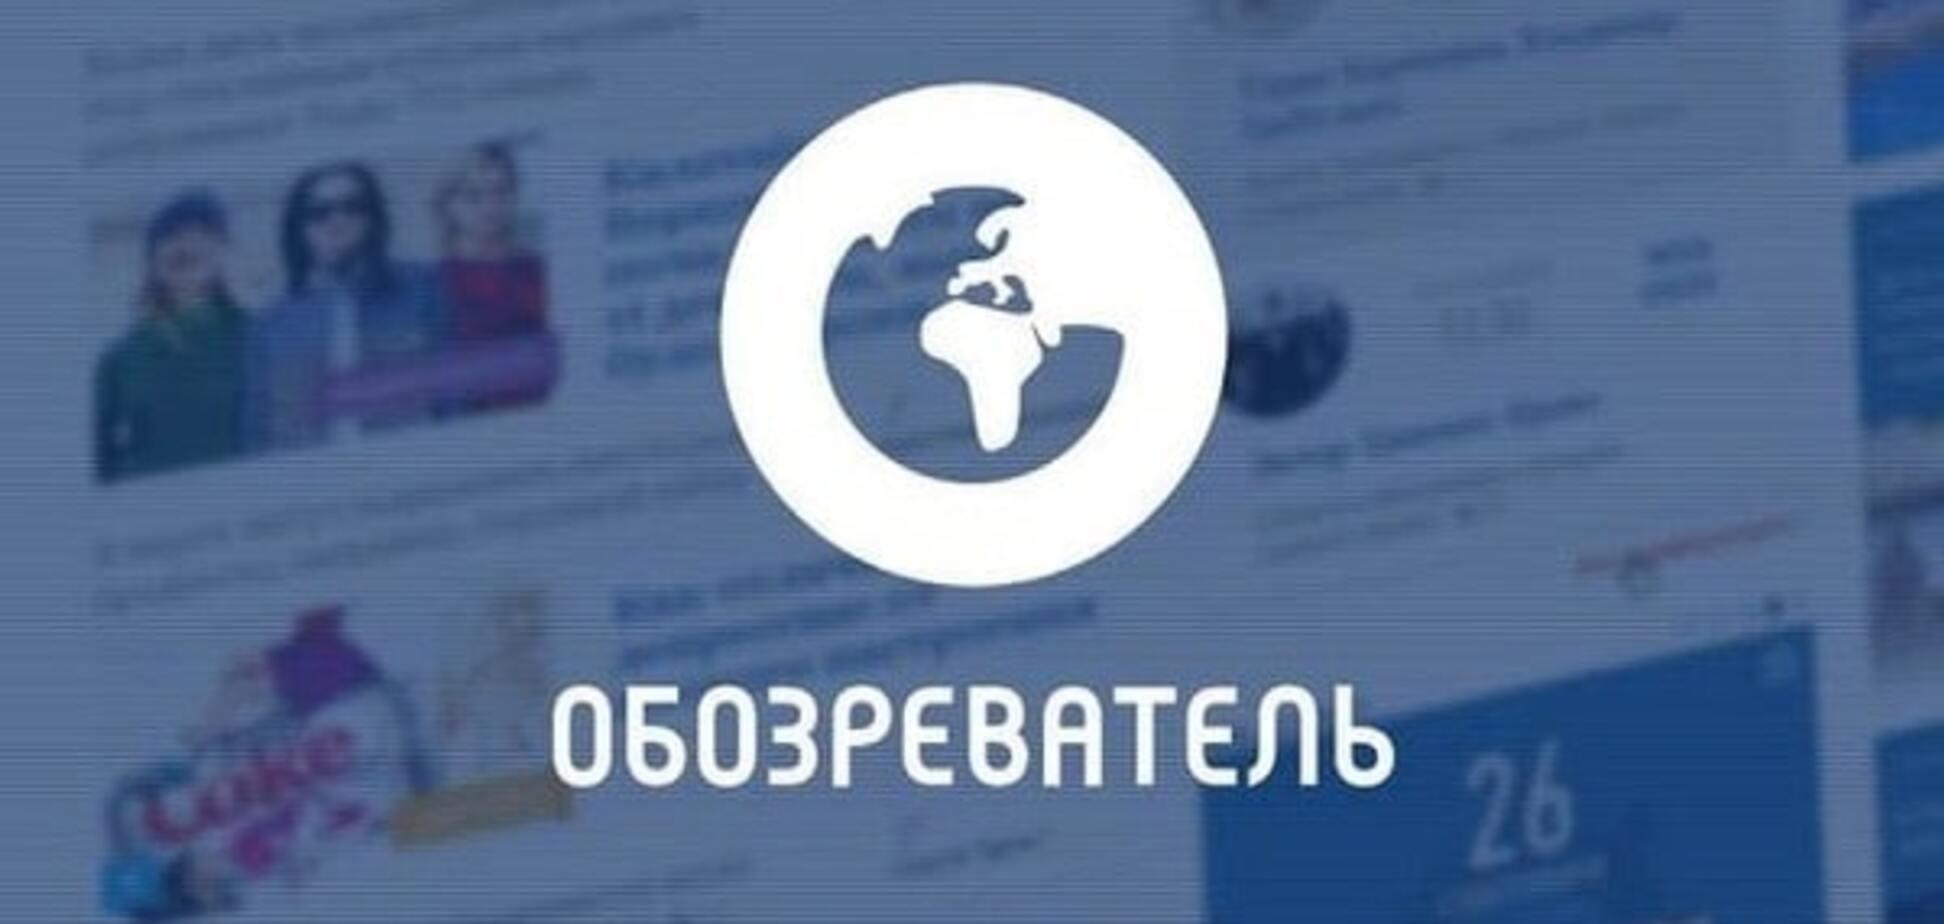 'Обозреватель' просить українців підписати петицію про безпеку громадян